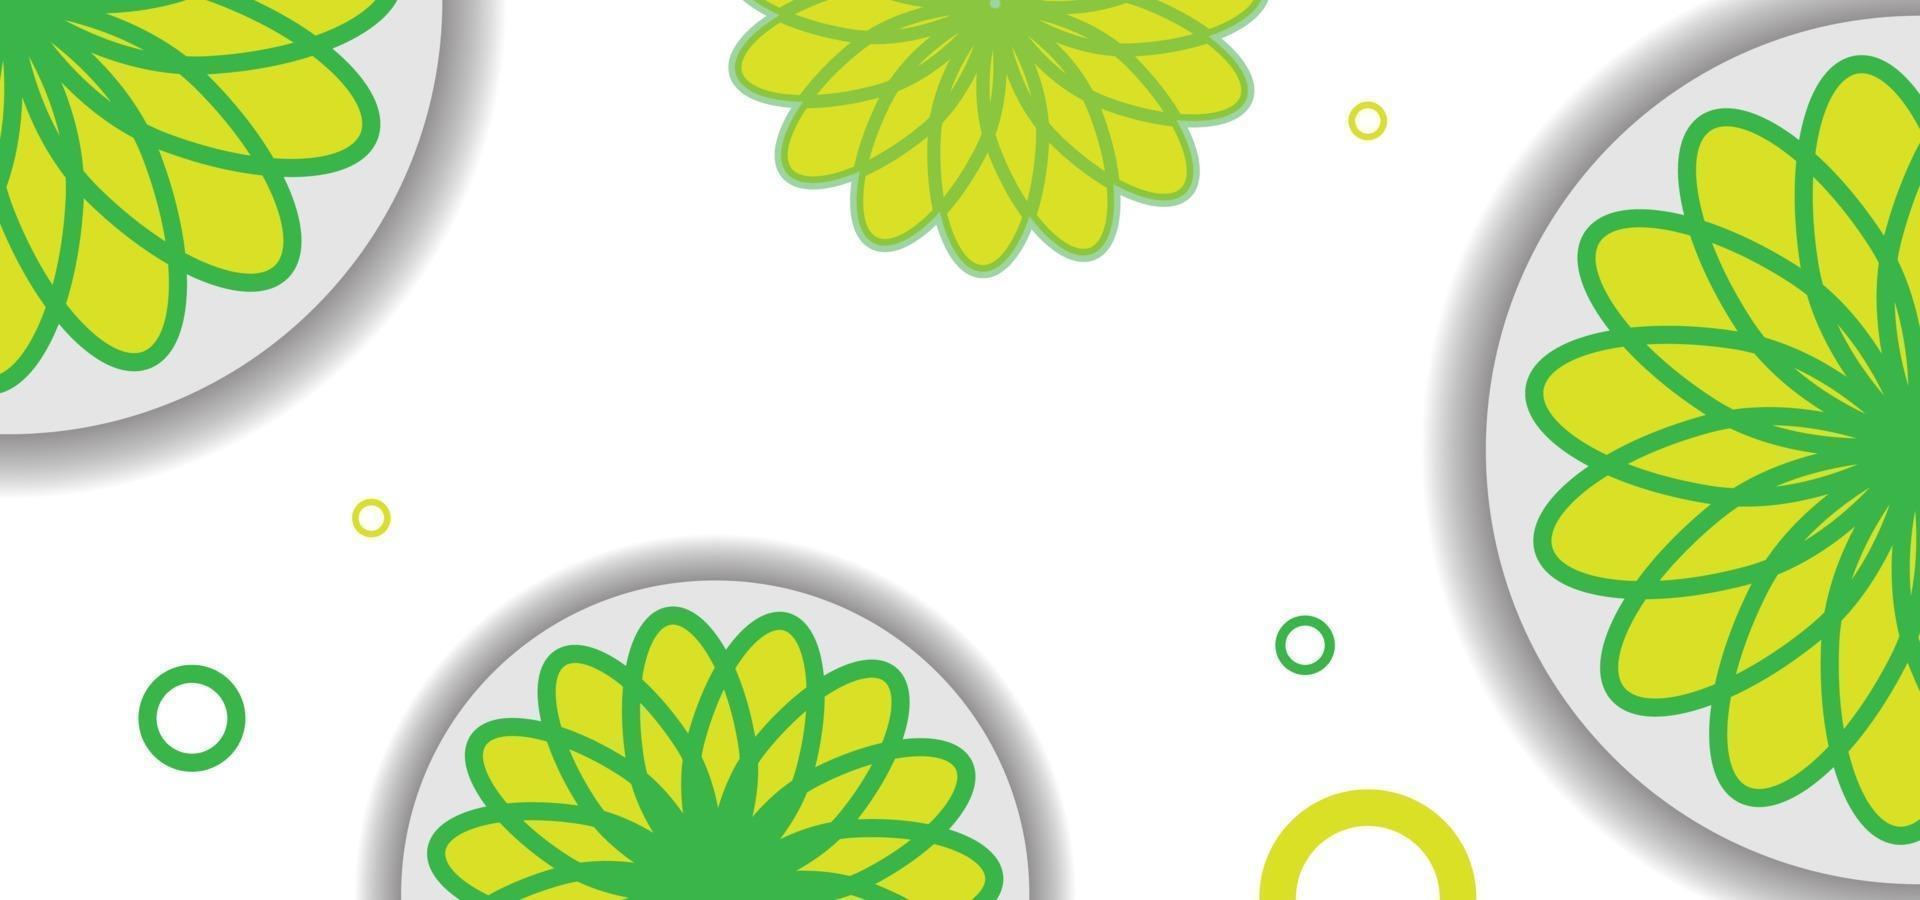 grön och gul sömlös blommönster eller bakgrund vektor